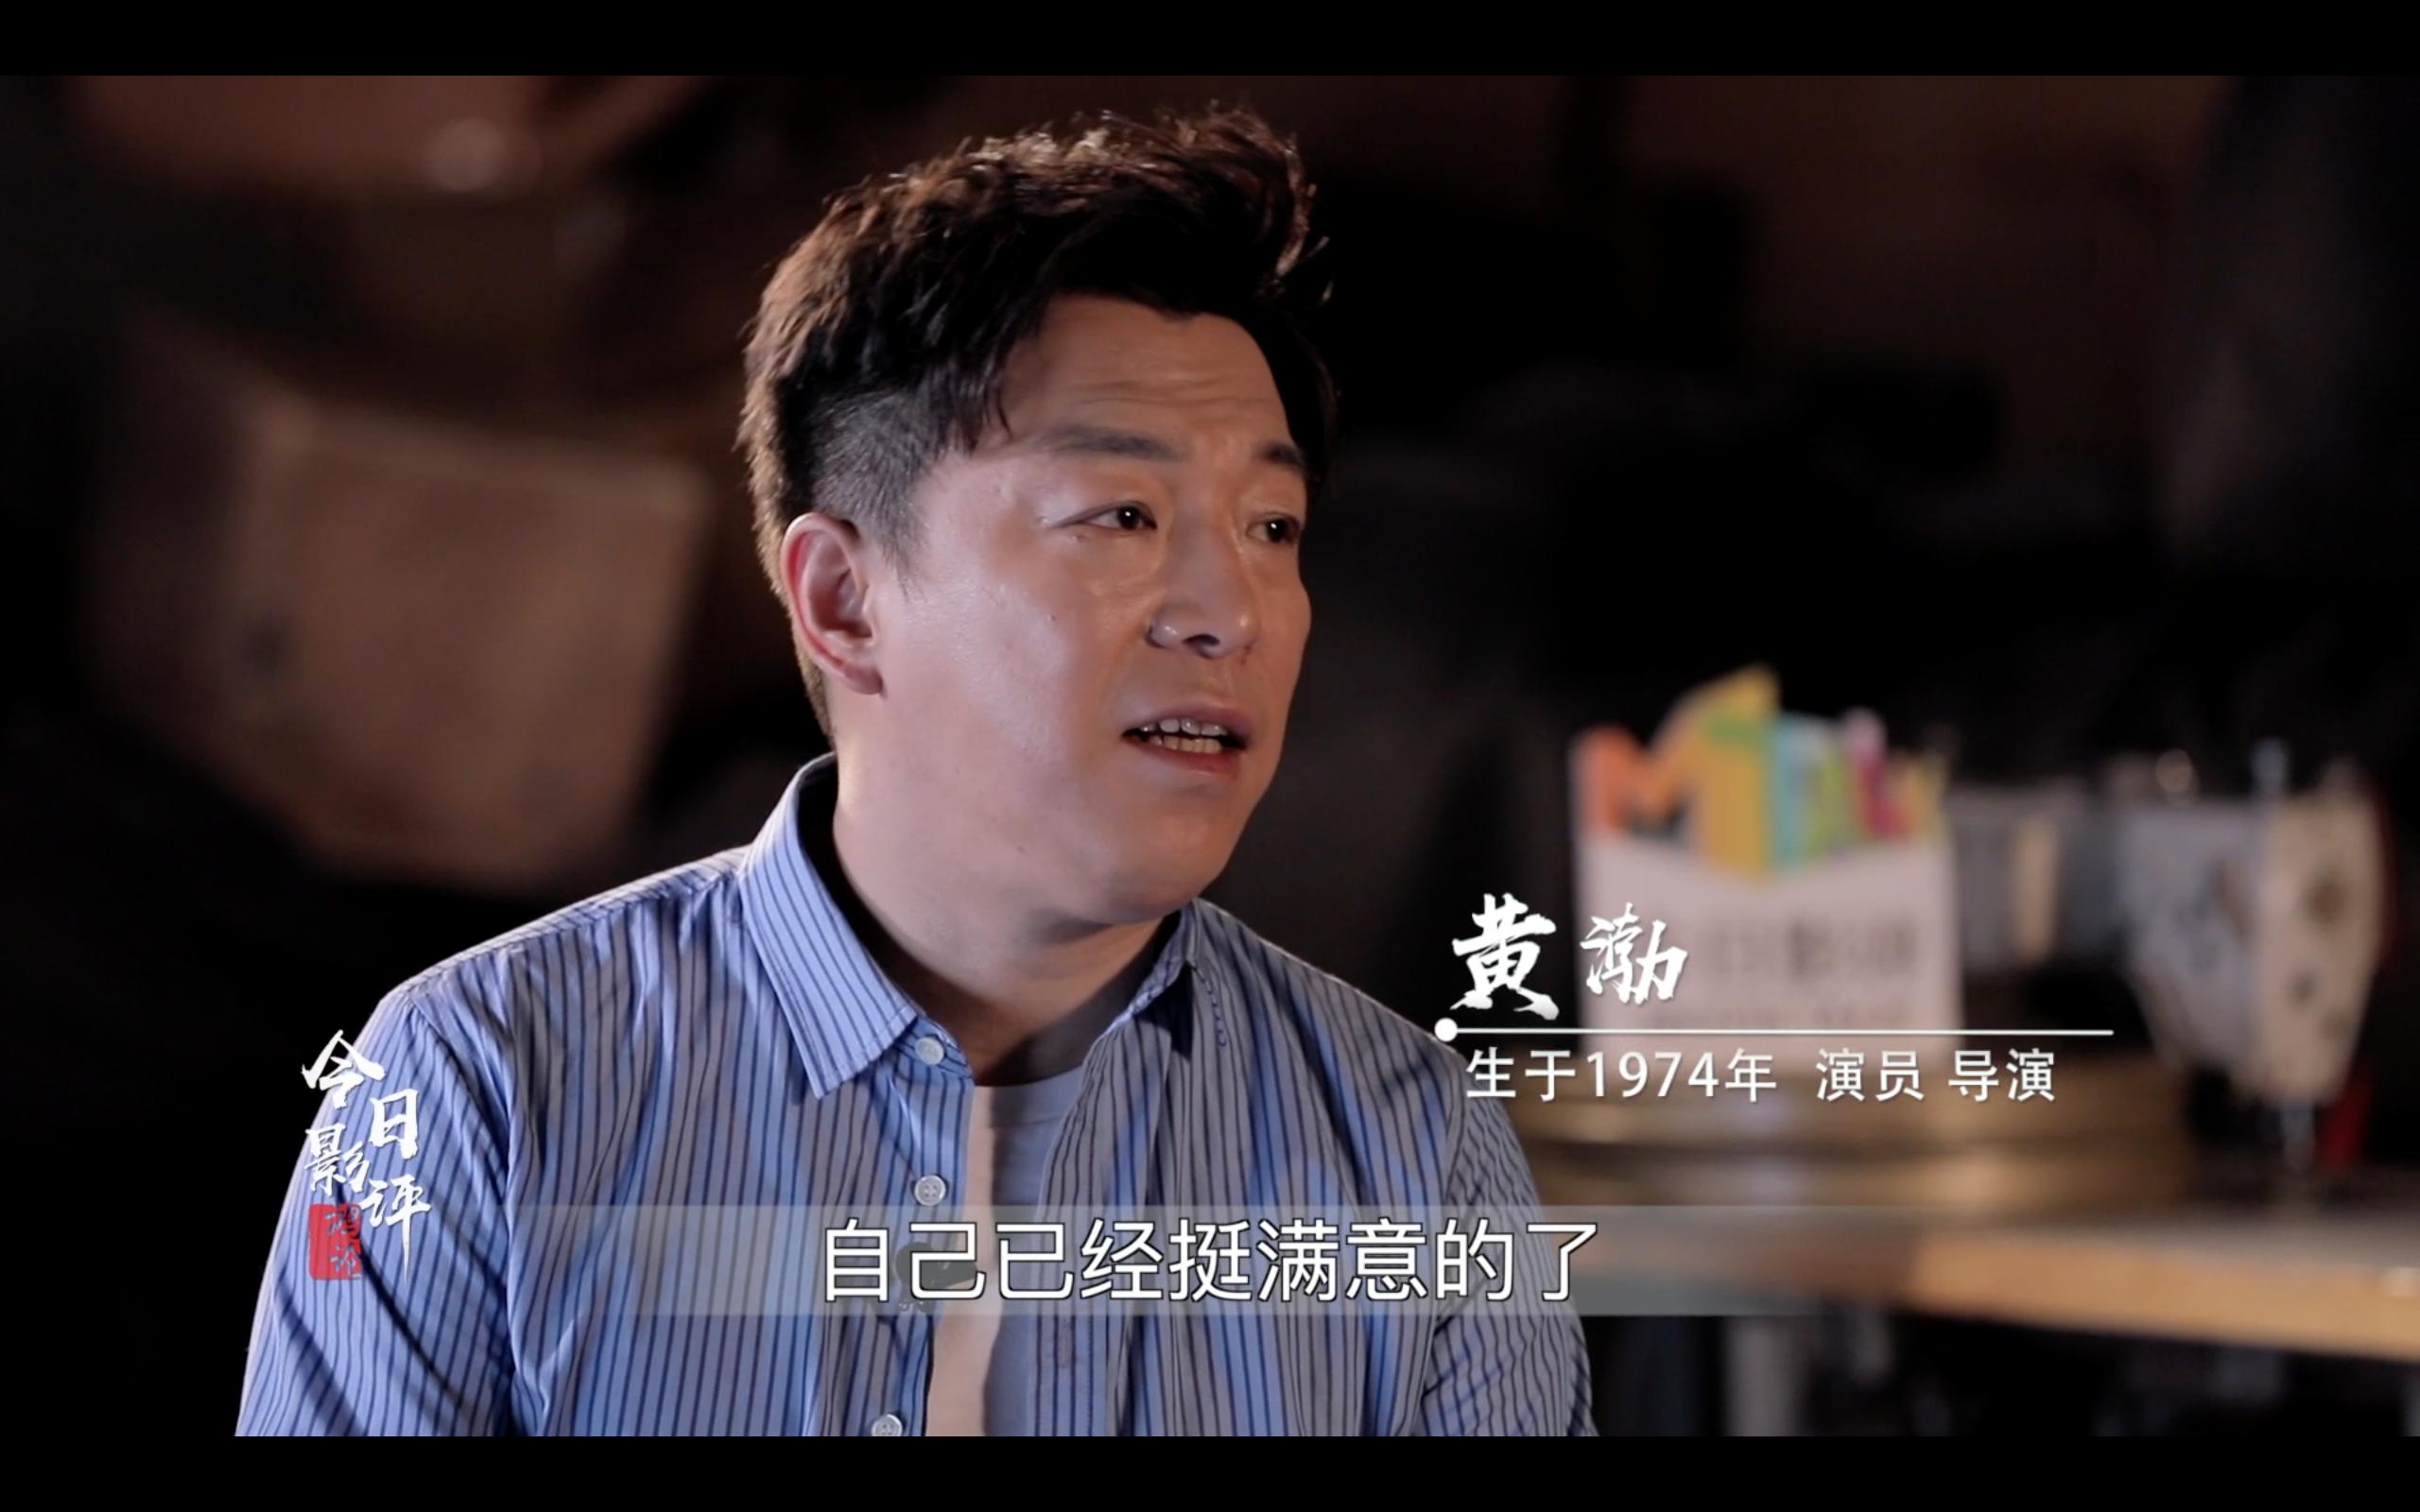 电影频道《今日西瓜鸿论》尹鸿,黄渤谈新时代影评新电影猖獗韩国电影图片